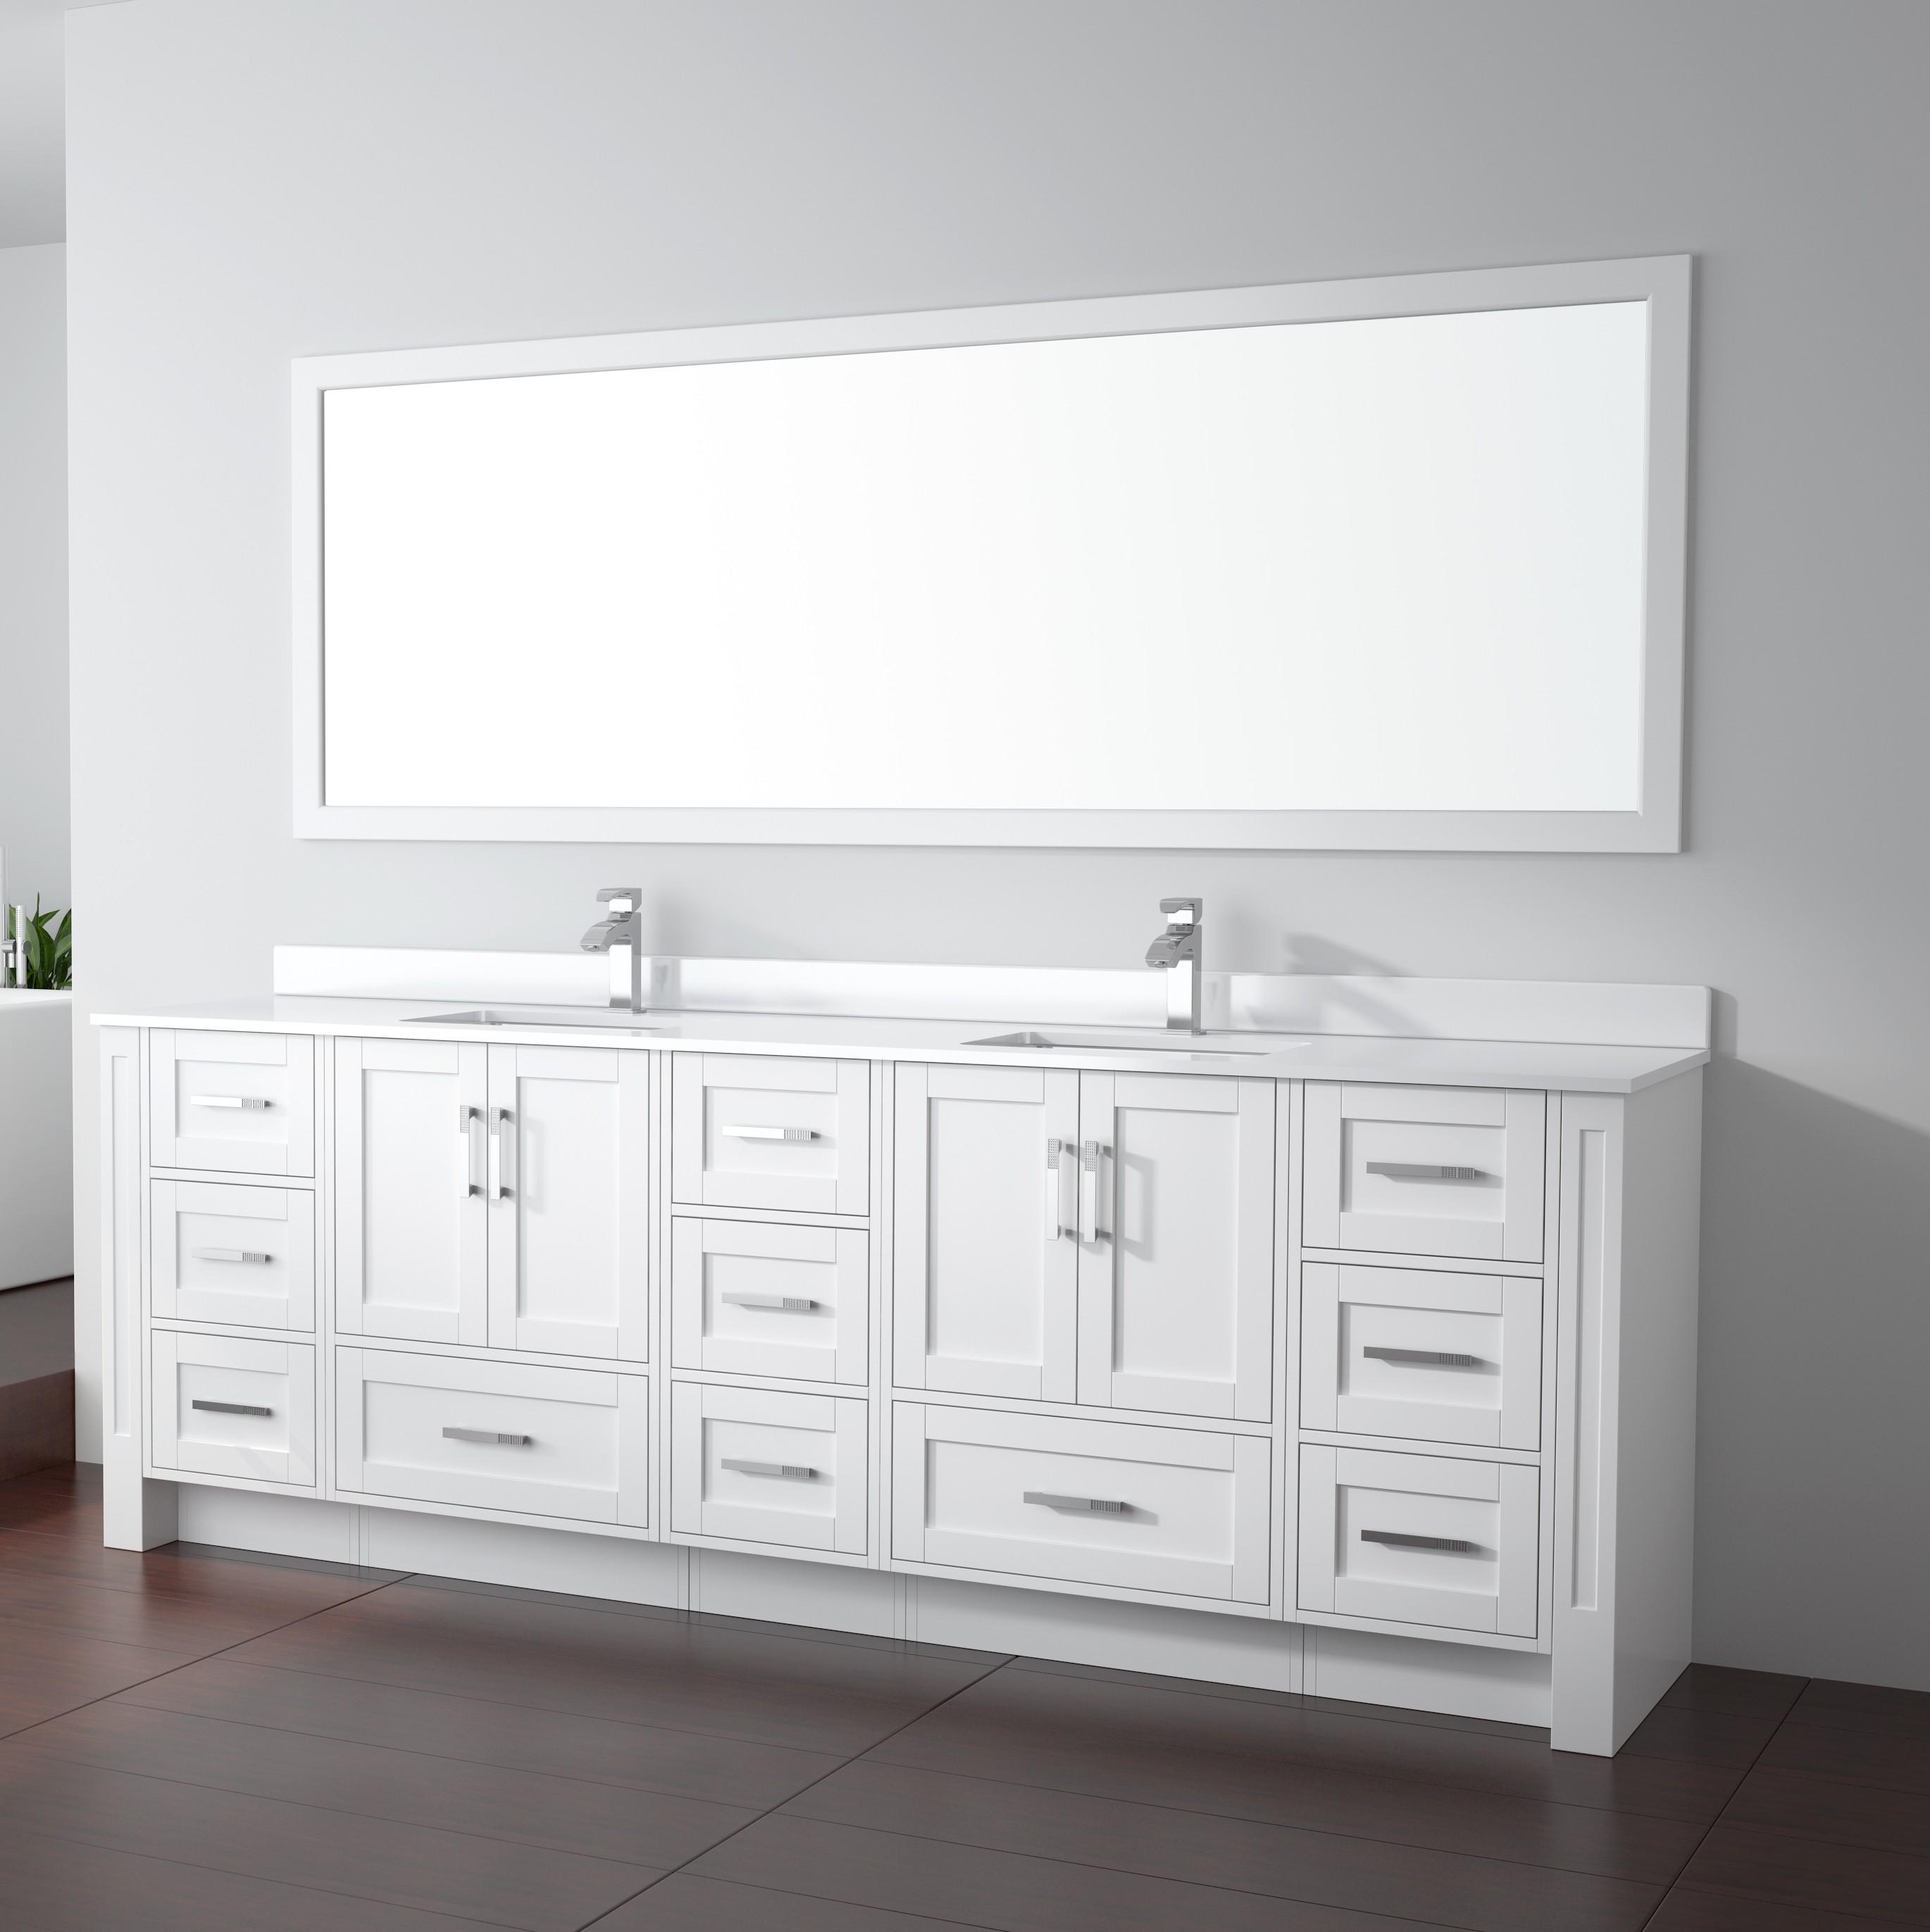 Flow Floor Mount 96 Double Sink Vanity Freestanding Bathroom Vanities Toronto Canada Virta Luxury Bathroom Furniture